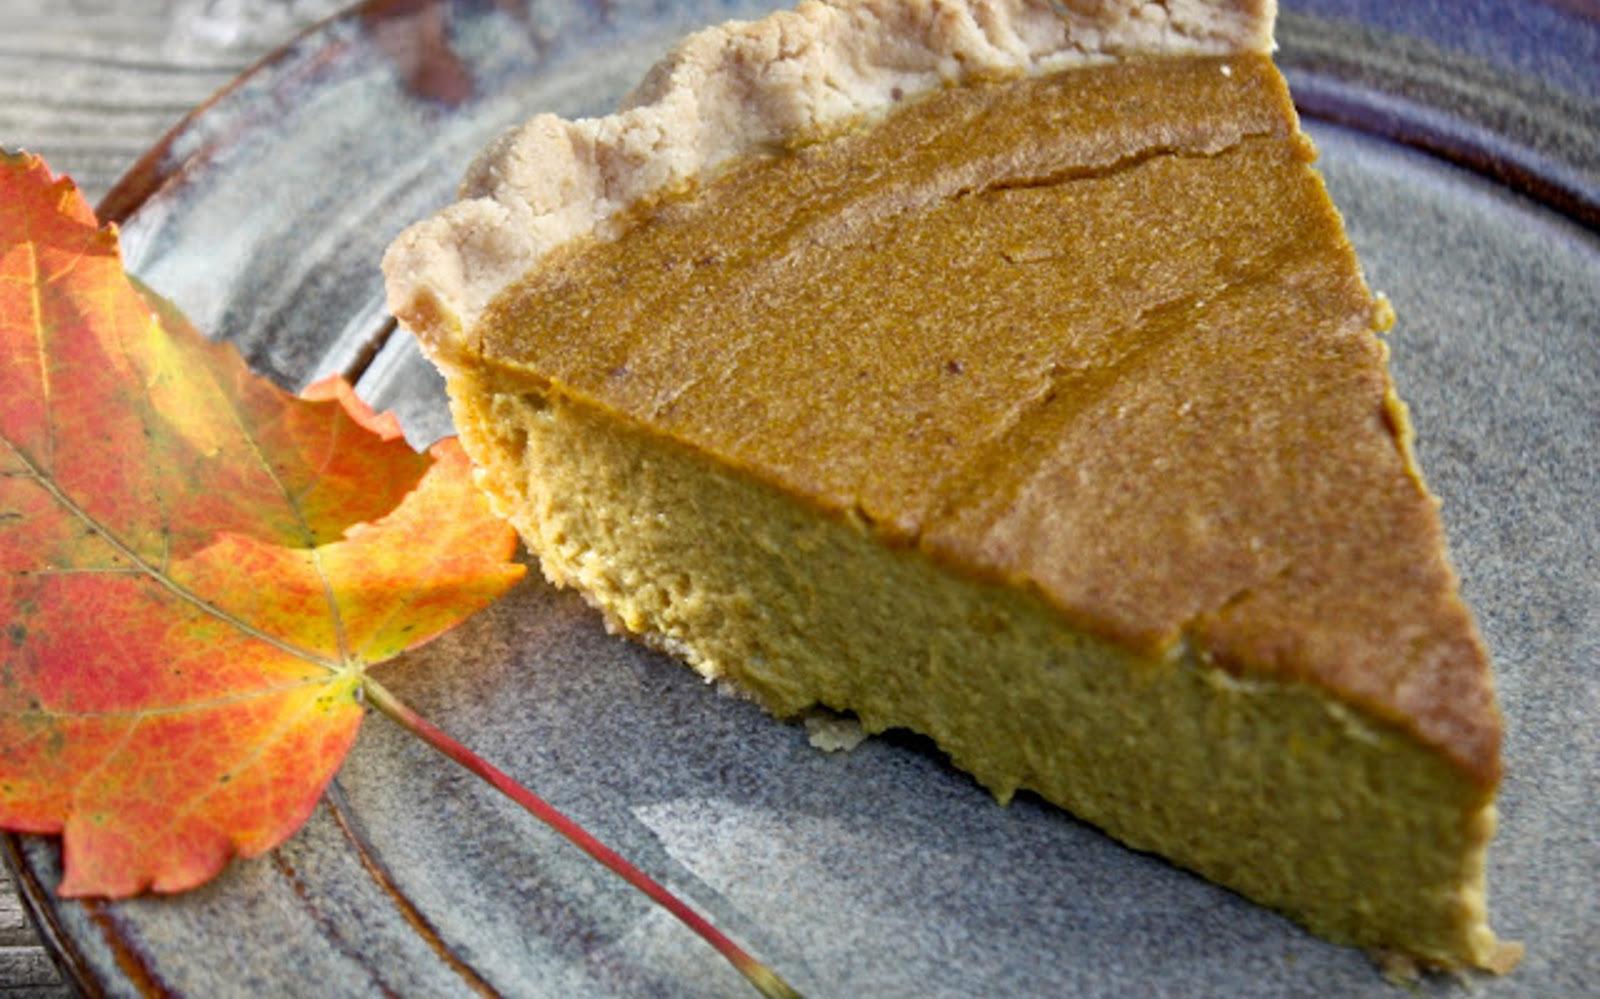 Date-sweetened pumpkin pie